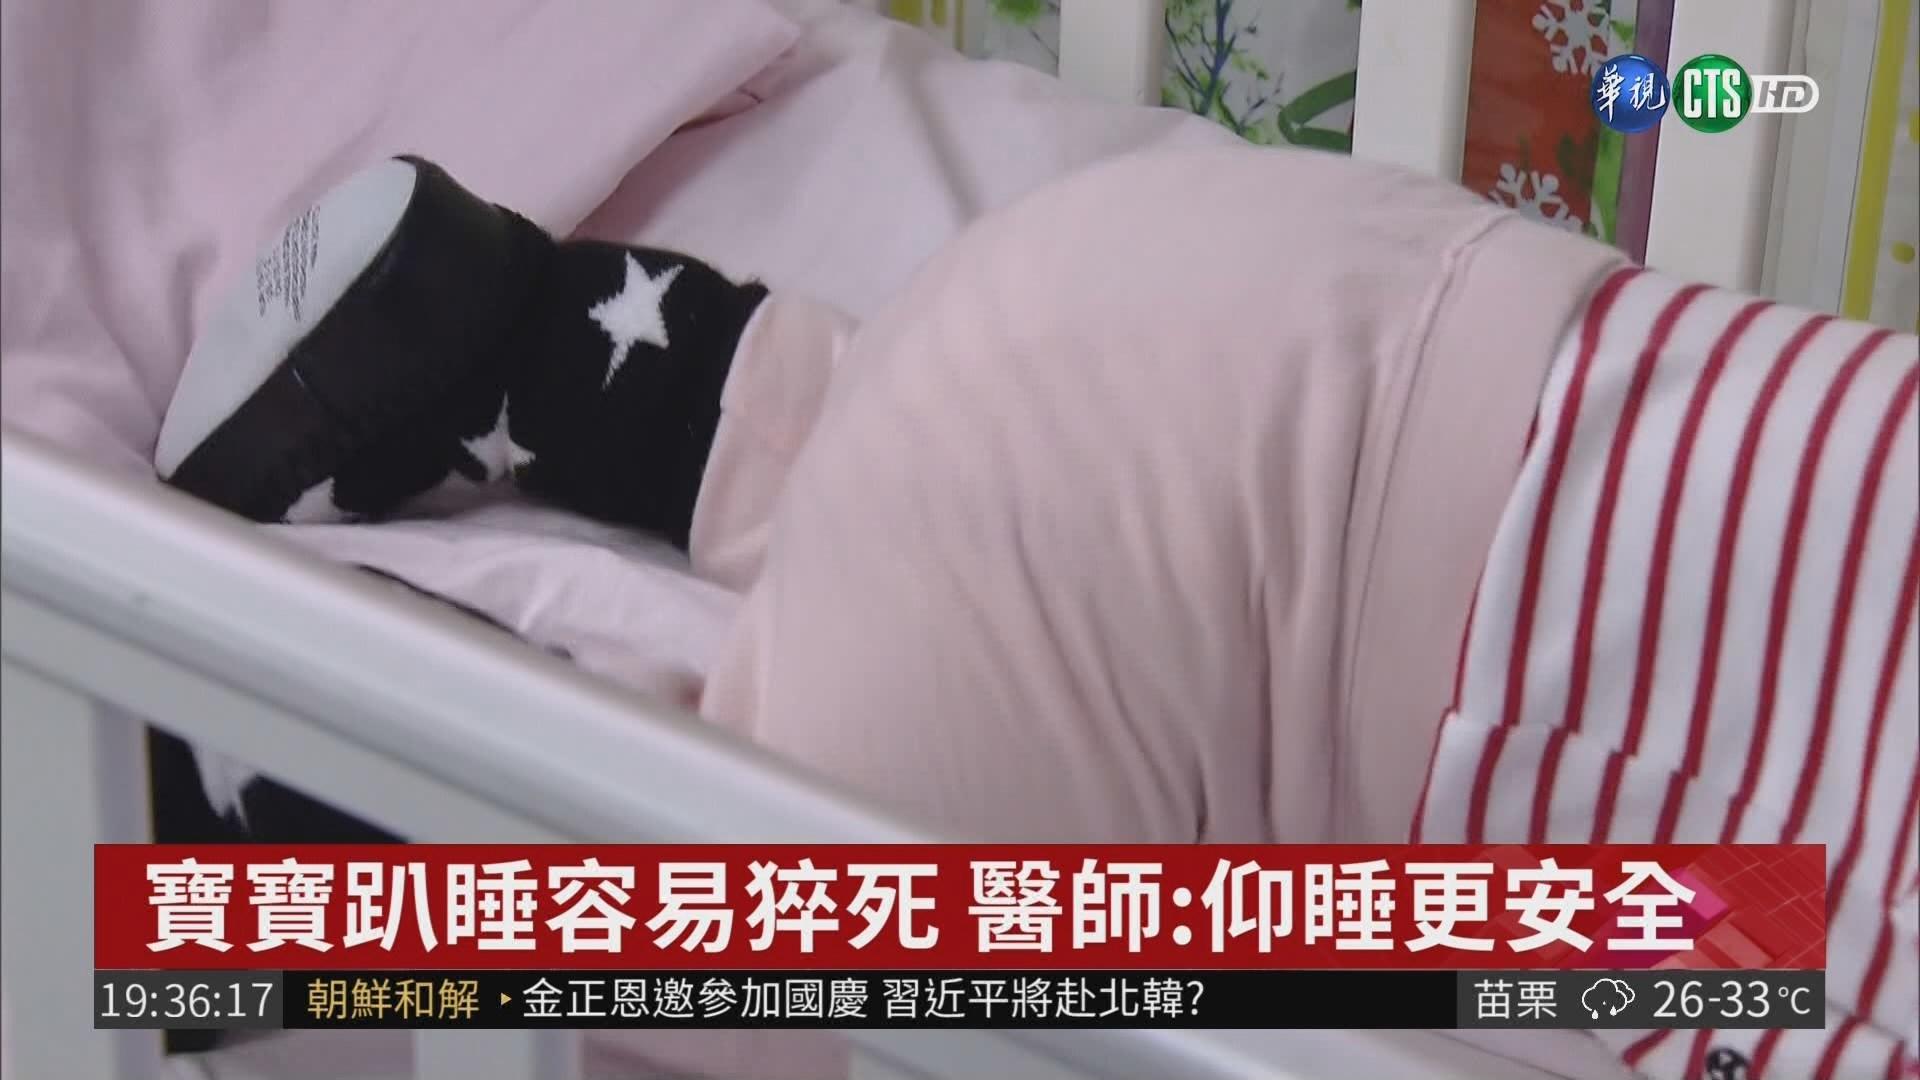 5年165嬰猝死 與大人同床共眠不安全